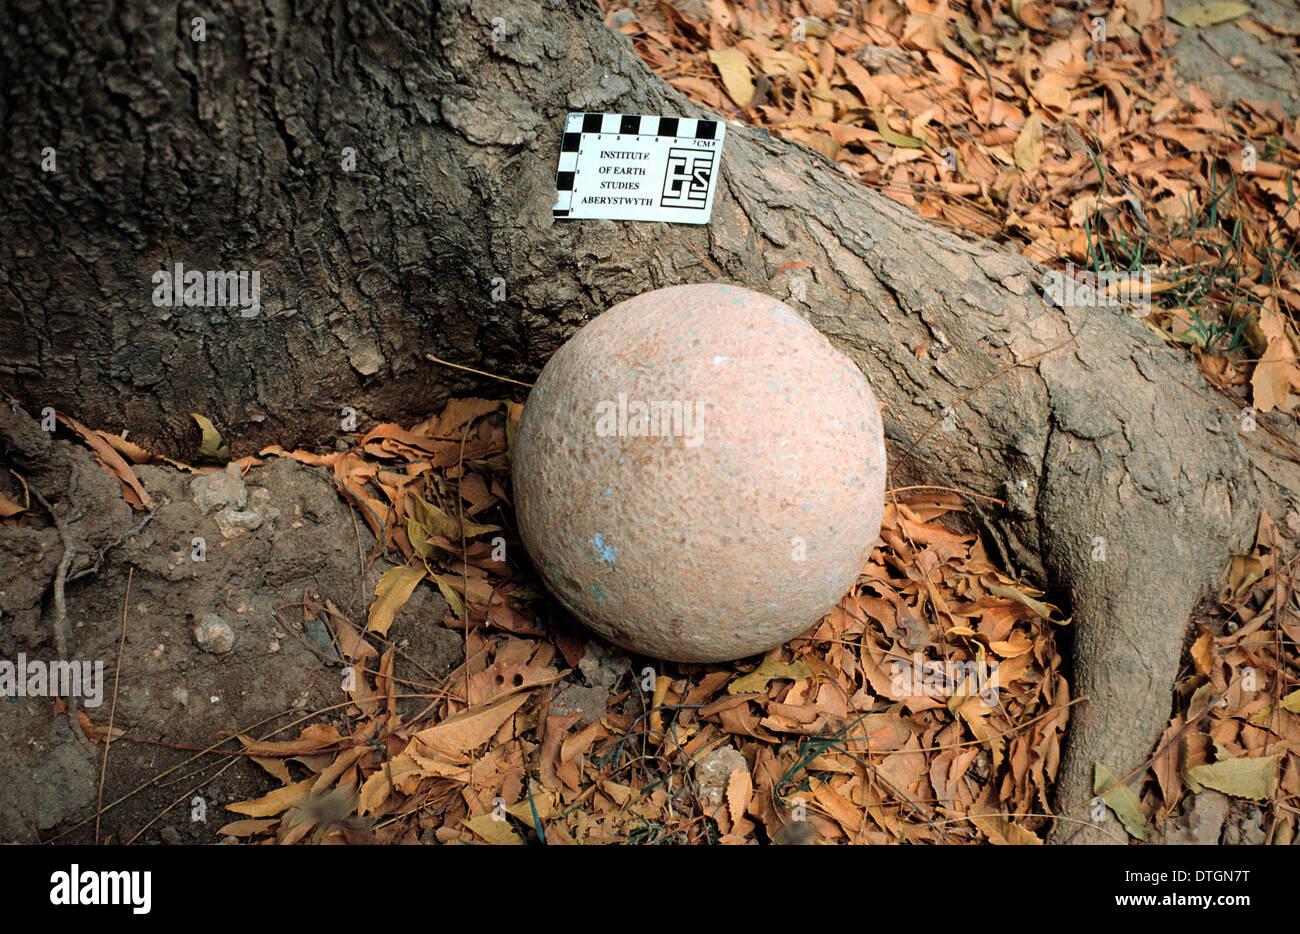 Dinosaur egg - Stock Image